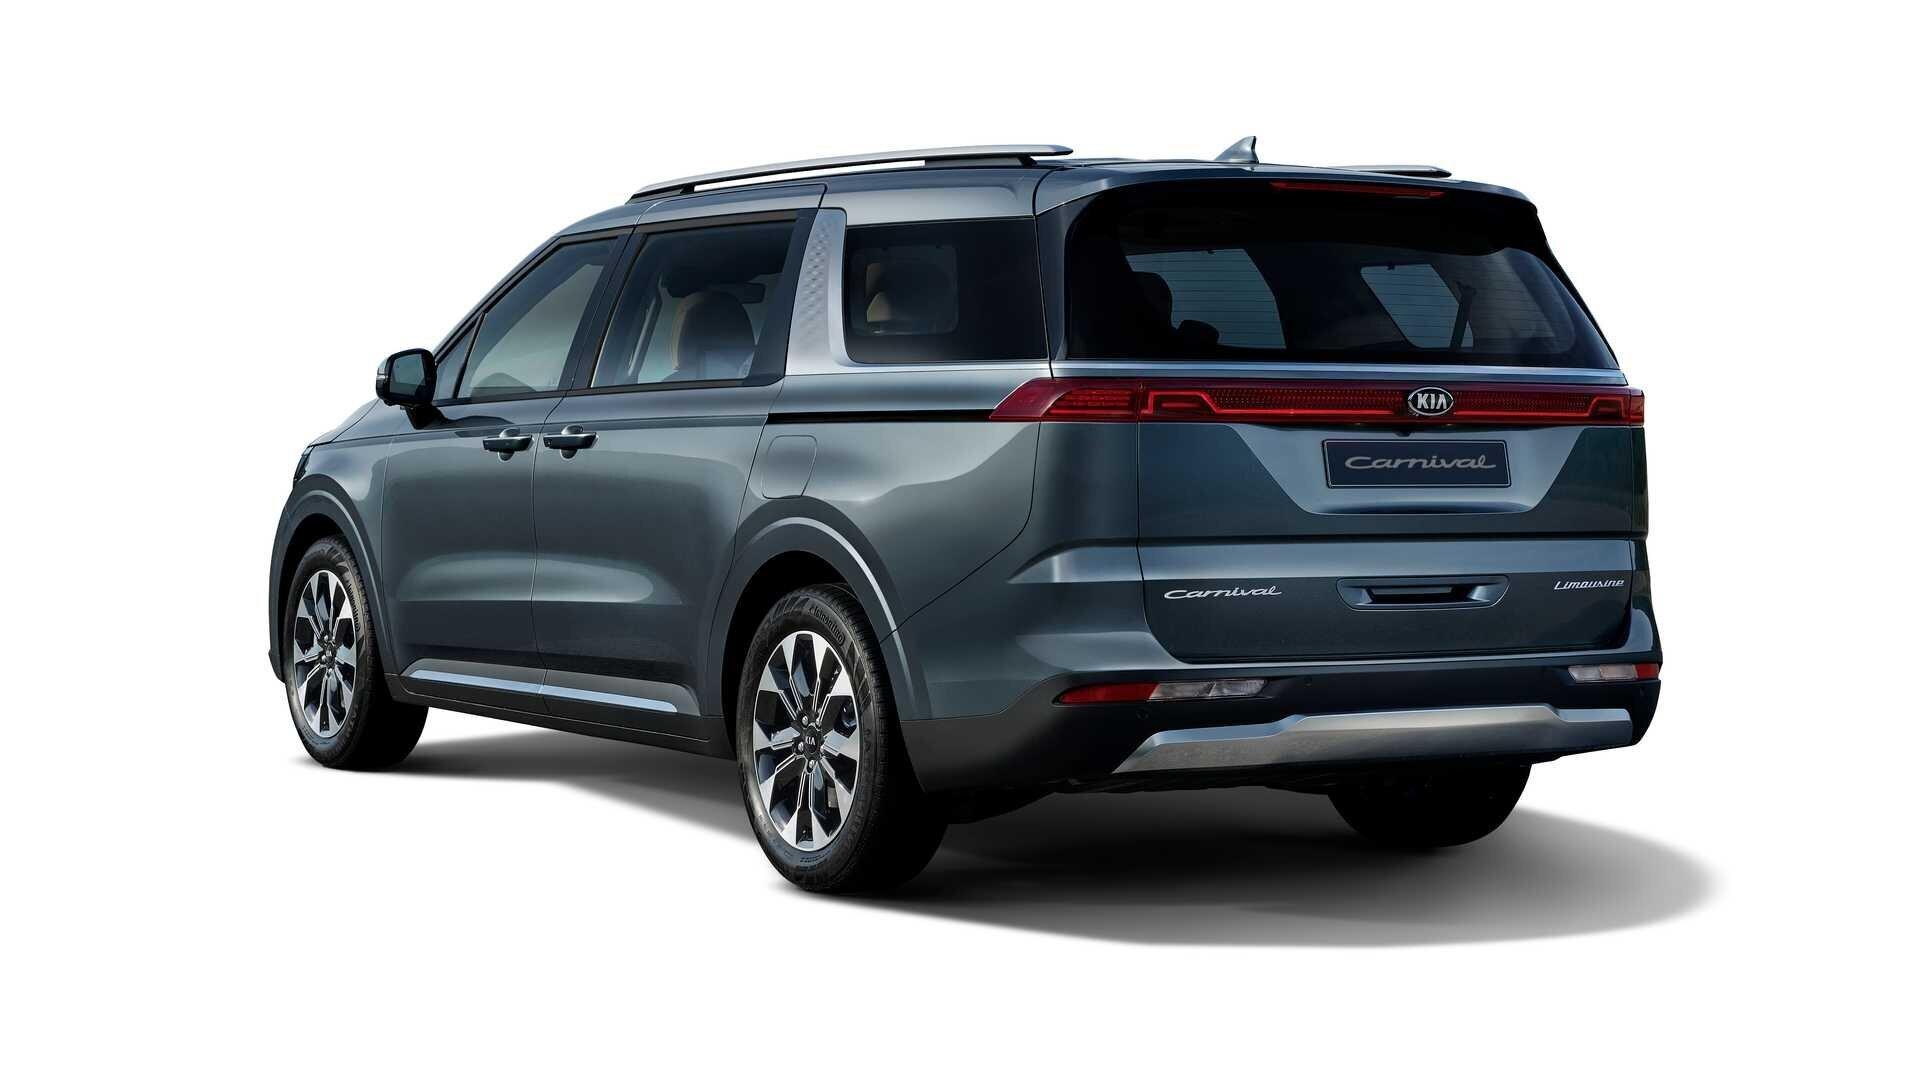 起亚嘉年华即将上新,第四代车型酷似SUV,传祺GN8迎来劲敌